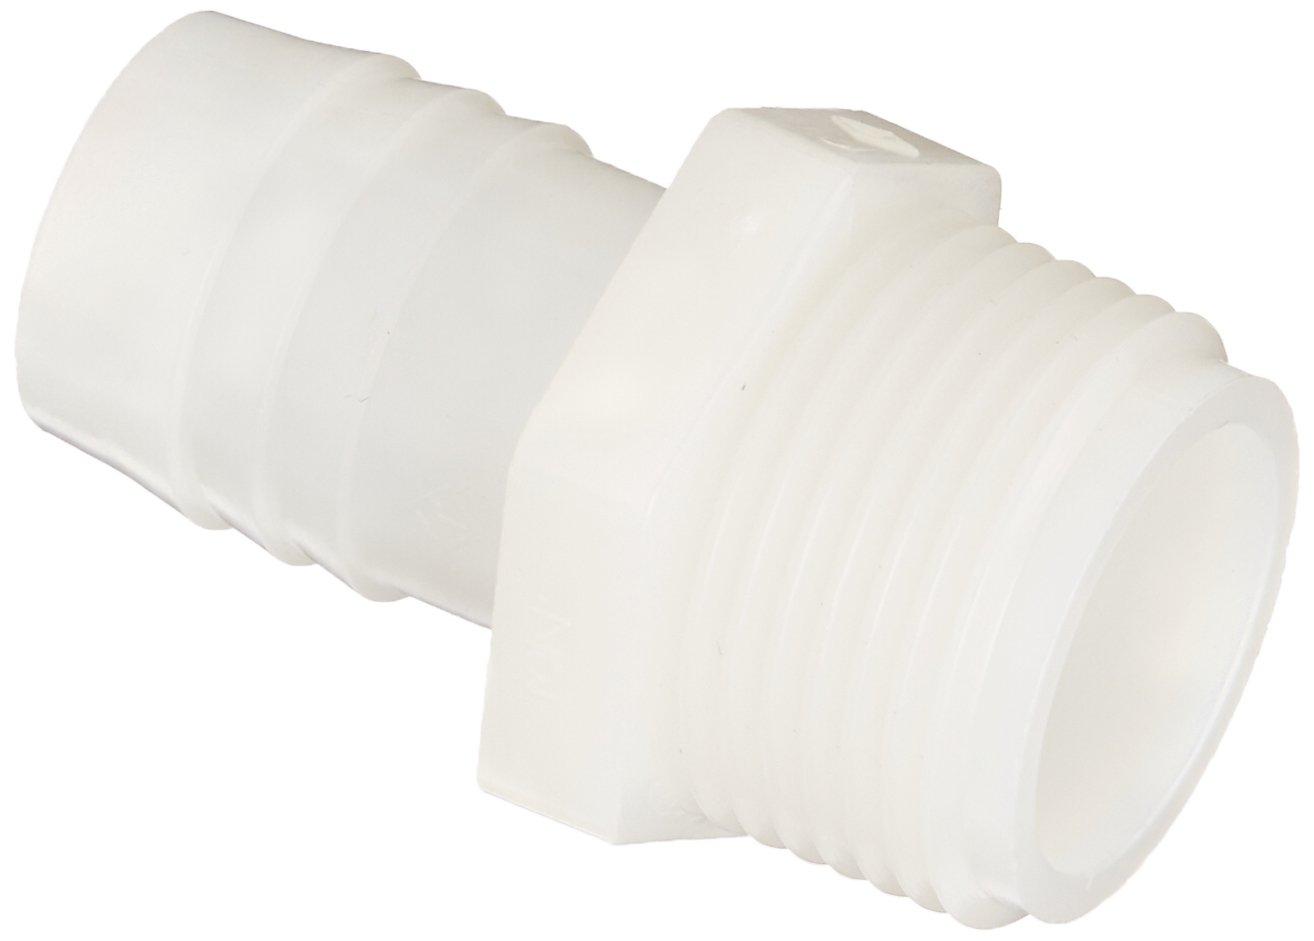 """Parker Hannifin 325HB-12-12N Par-Barb Nylon Male Connector Fitting, 3/4"""" Hose Barb x 3/4"""" Male NPT, White"""